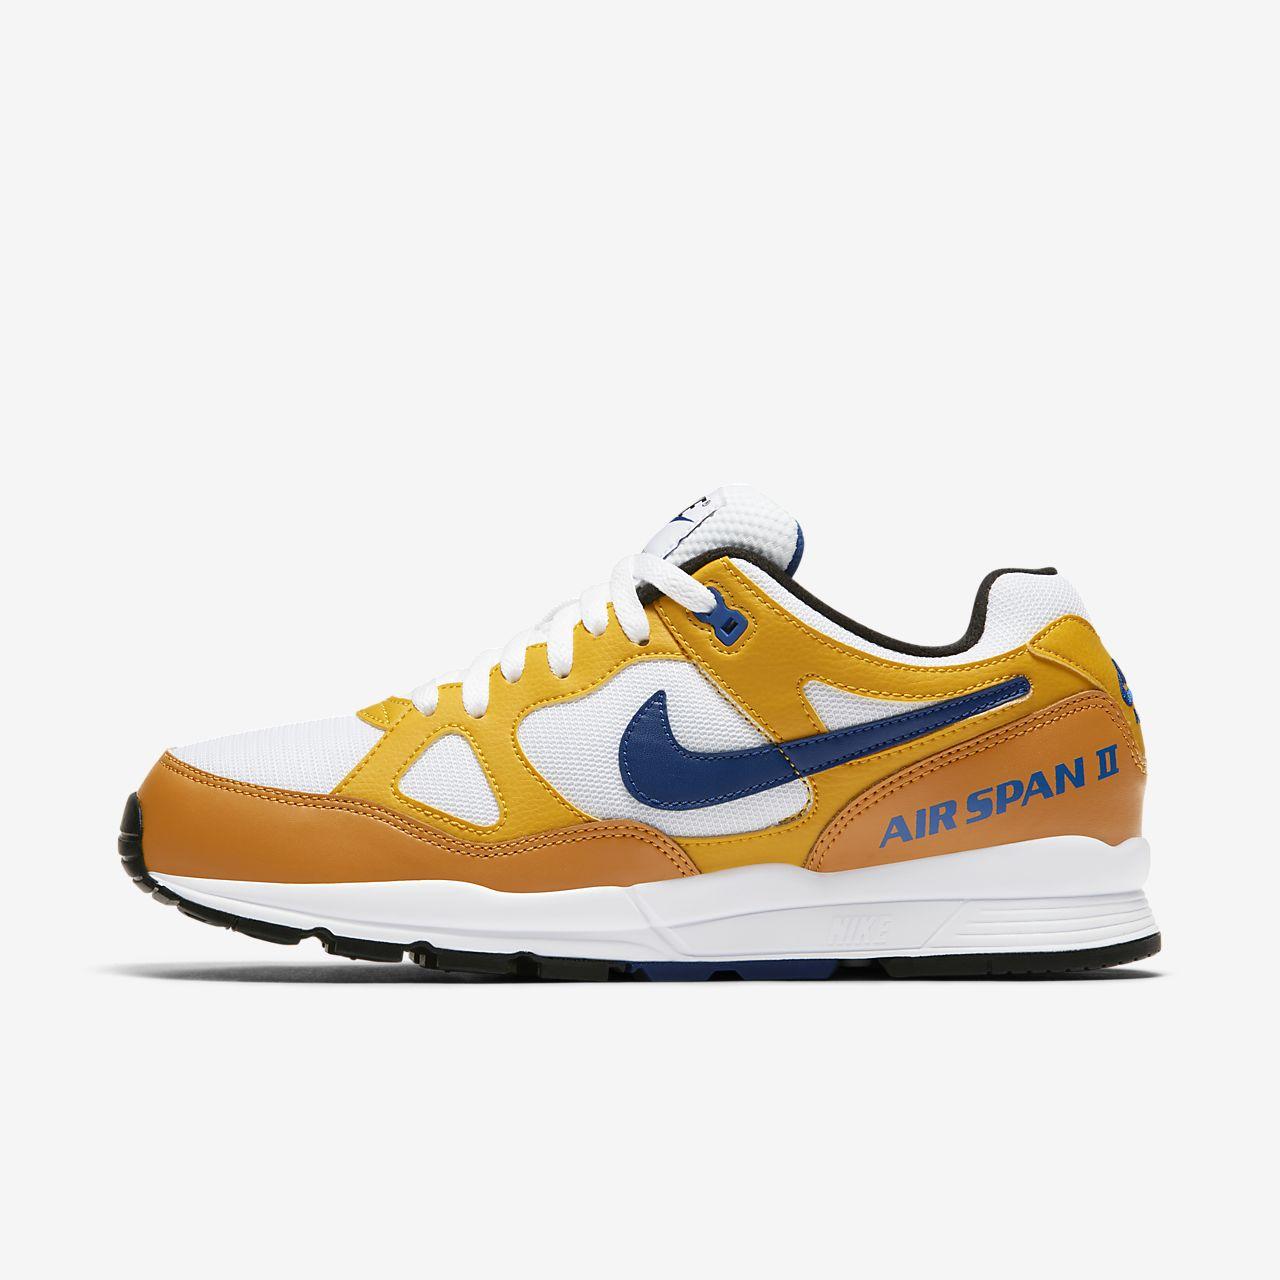 online retailer 9a924 a2555 ... Nike Air Span II Zapatillas - Hombre